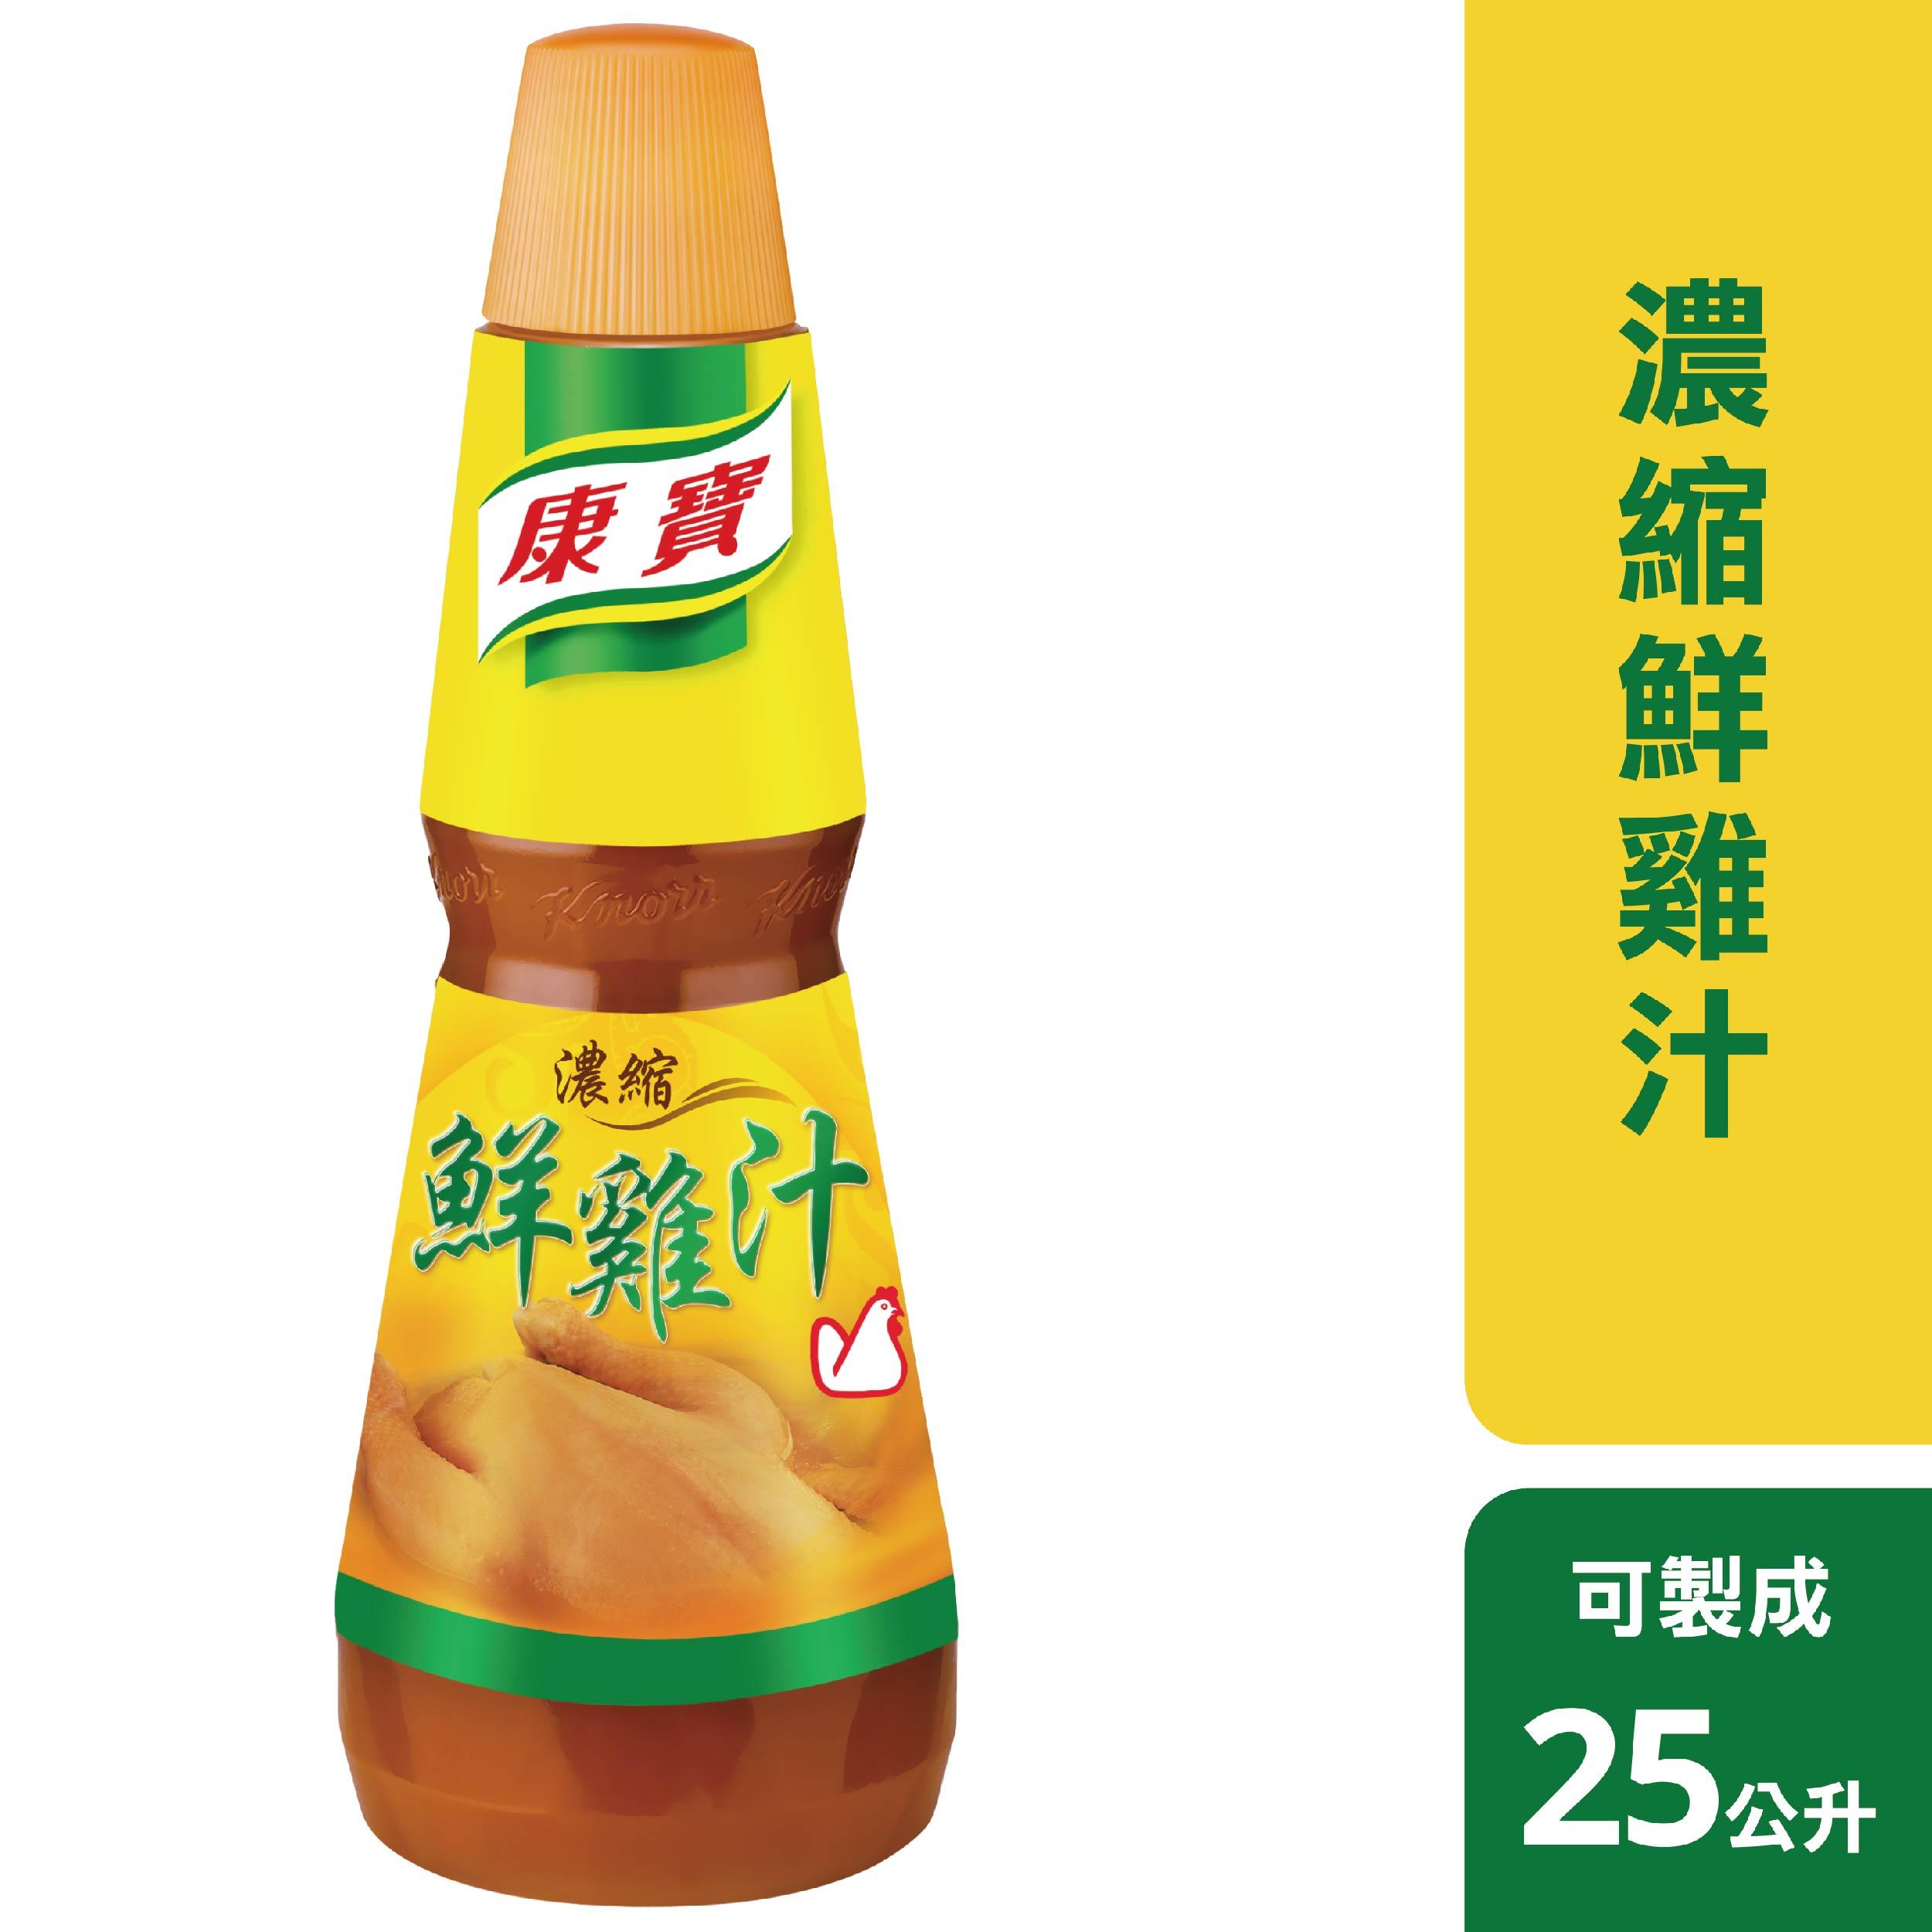 康寶濃縮鮮雞汁